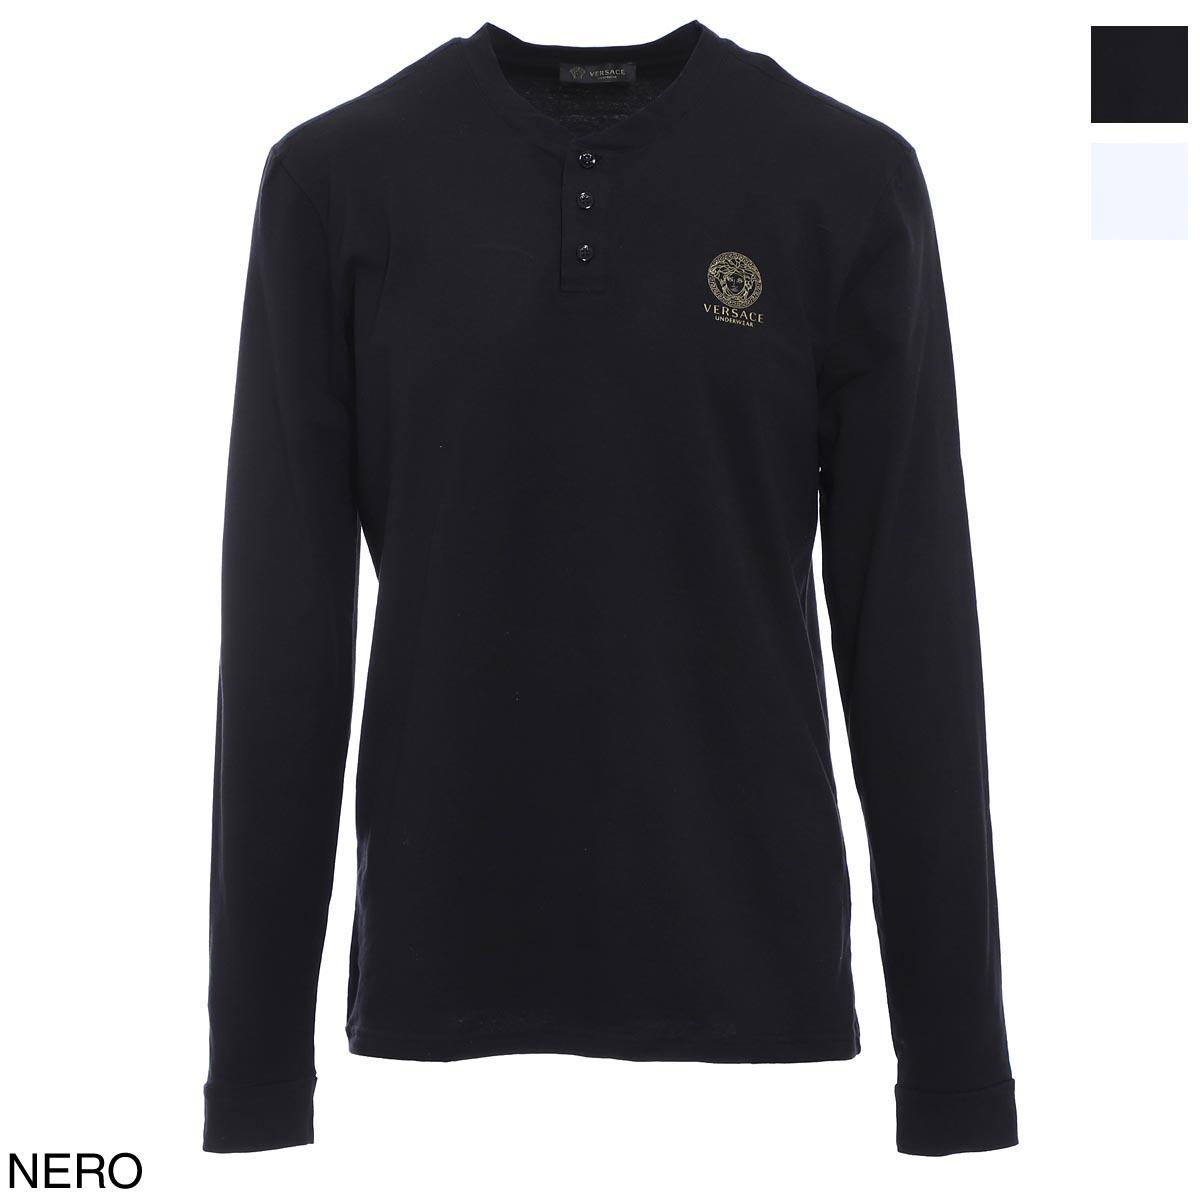 ヴェルサーチェ VERSACE クルーネック Tシャツ メンズ auu01016 a232741 a1008 T-SHIRT ML GIROCOLLO INTIMO UOMO【あす楽対応_関東】【返品交換不可】【ラッピング無料】